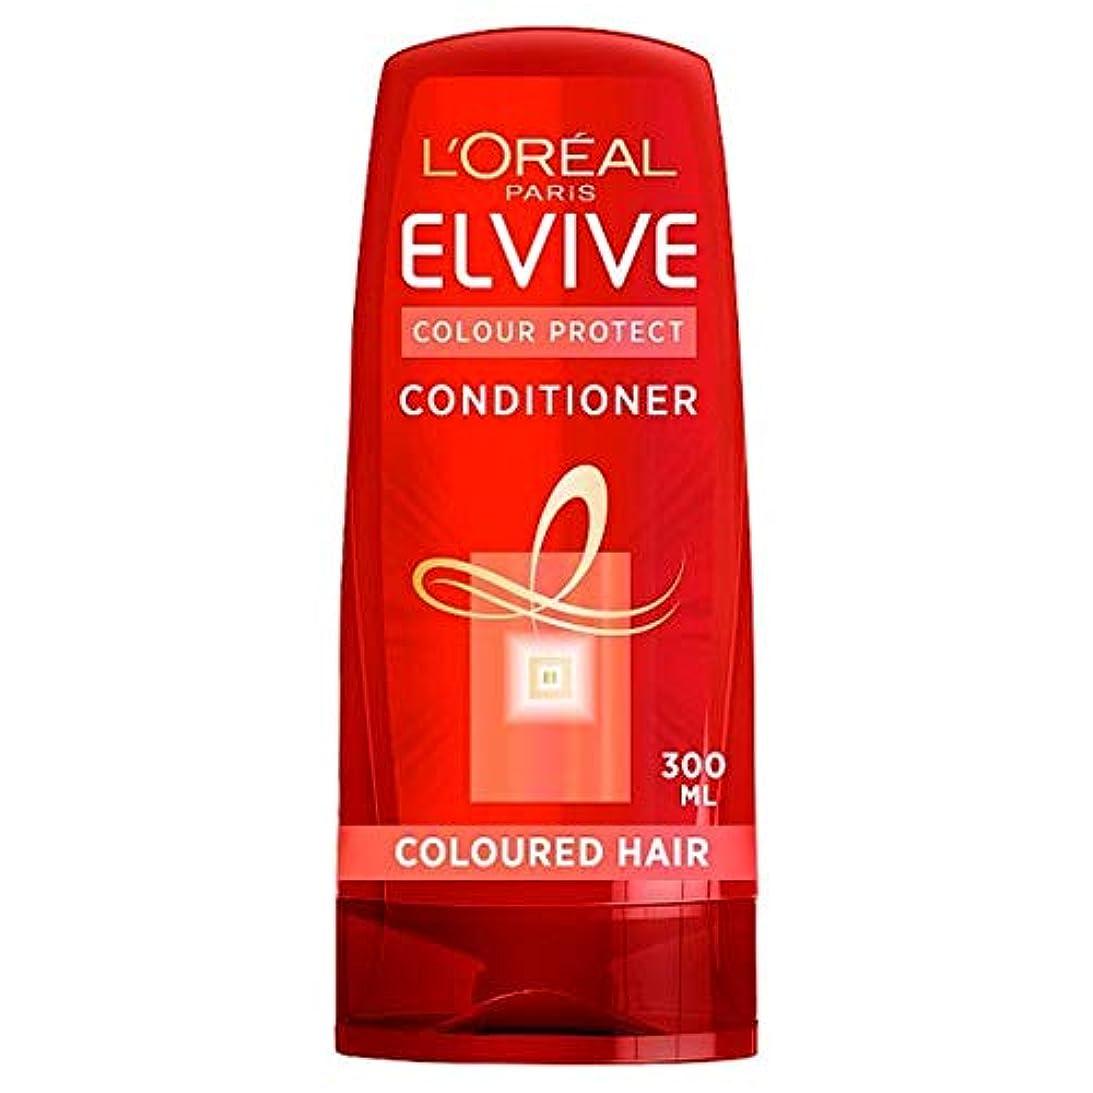 くそーオペラカテナ[Elvive] ロレアルElvive色の保護ヘアコンディショナー300ミリリットル - L'oreal Elvive Coloured Protection Hair Conditioner 300Ml [並行輸入品]